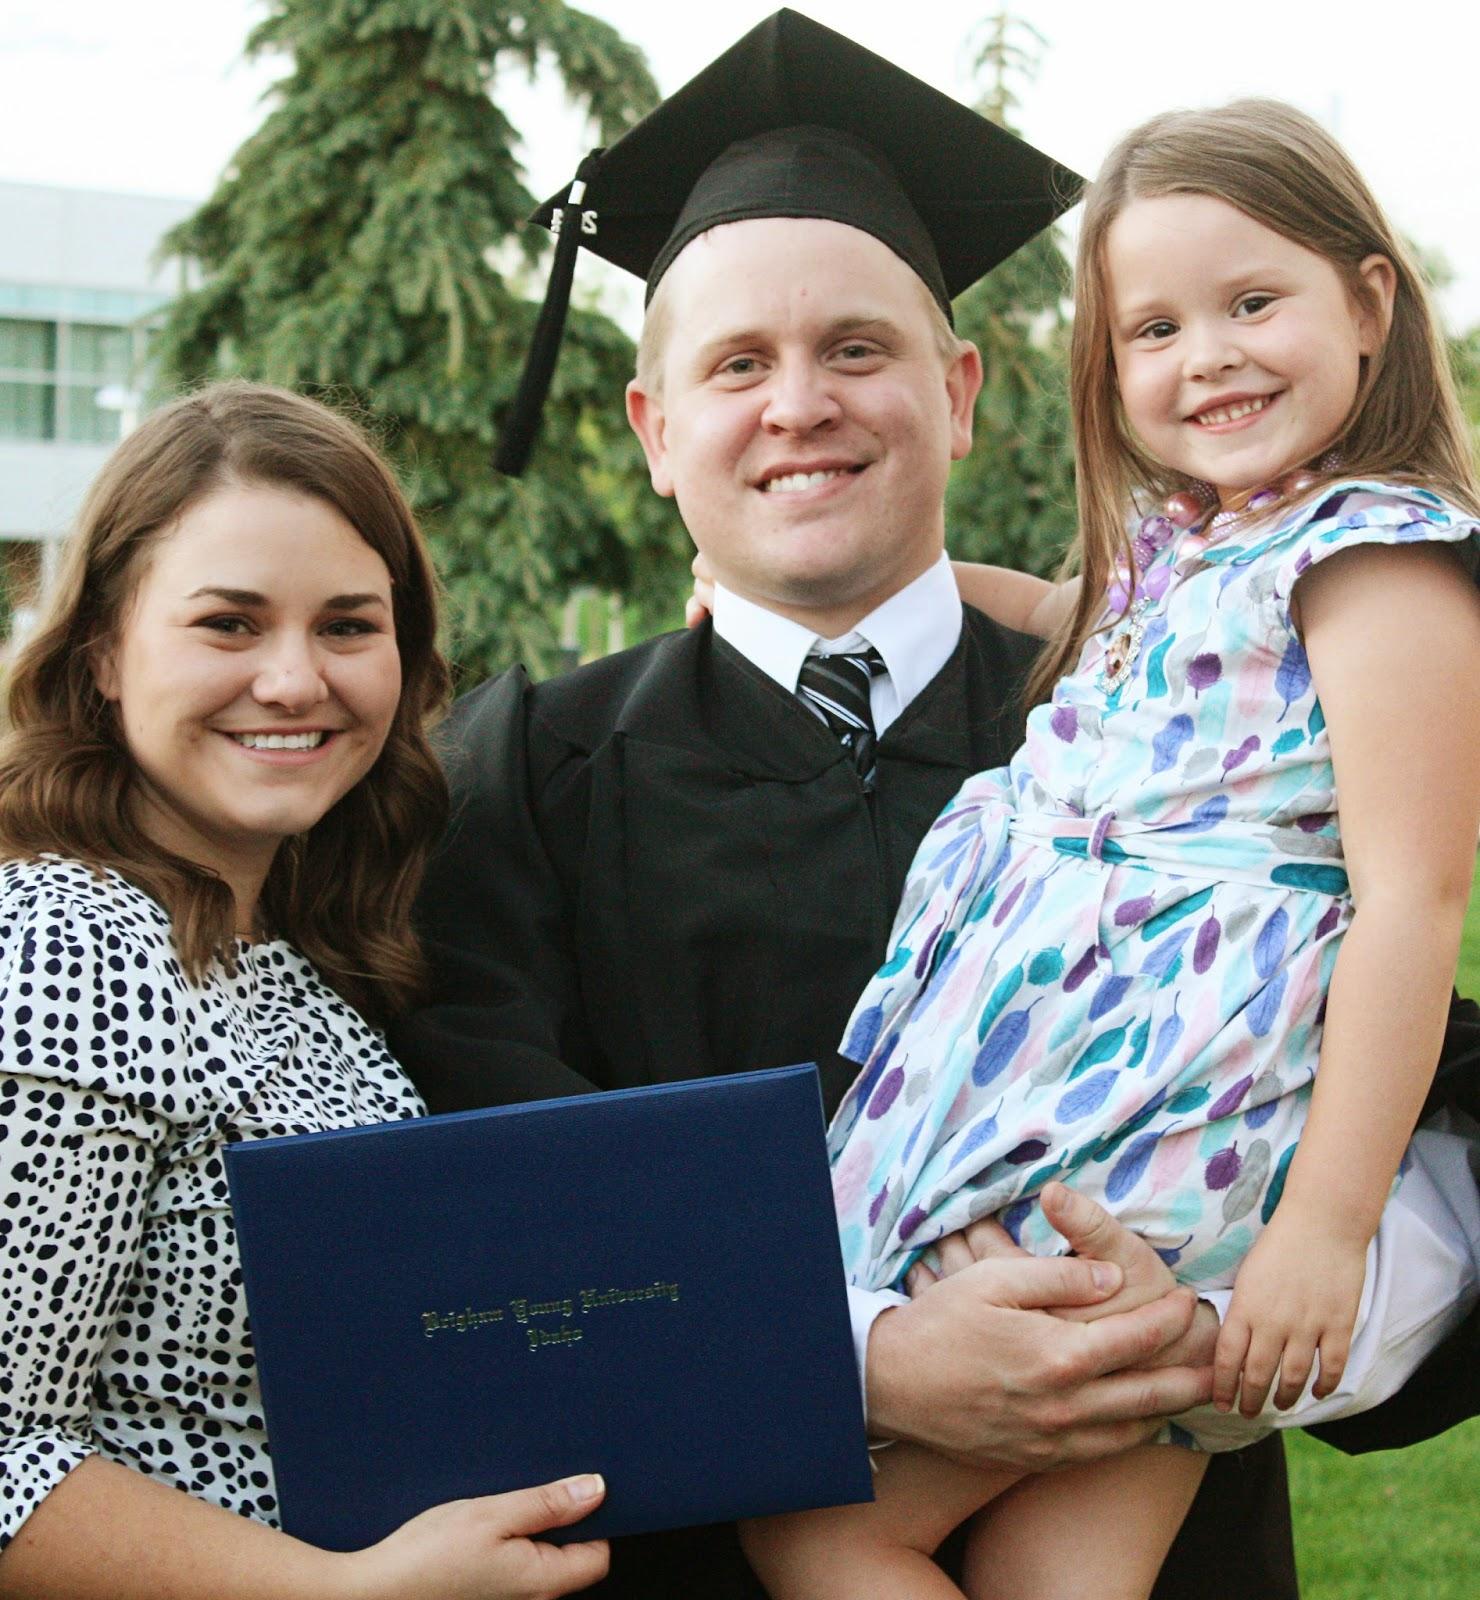 http://2.bp.blogspot.com/-7SijgoHyzM8/VKW-z8BYTKI/AAAAAAAAEsY/DdoPr6OycD8/s1600/graduation%2B013%2Bcopy.jpg